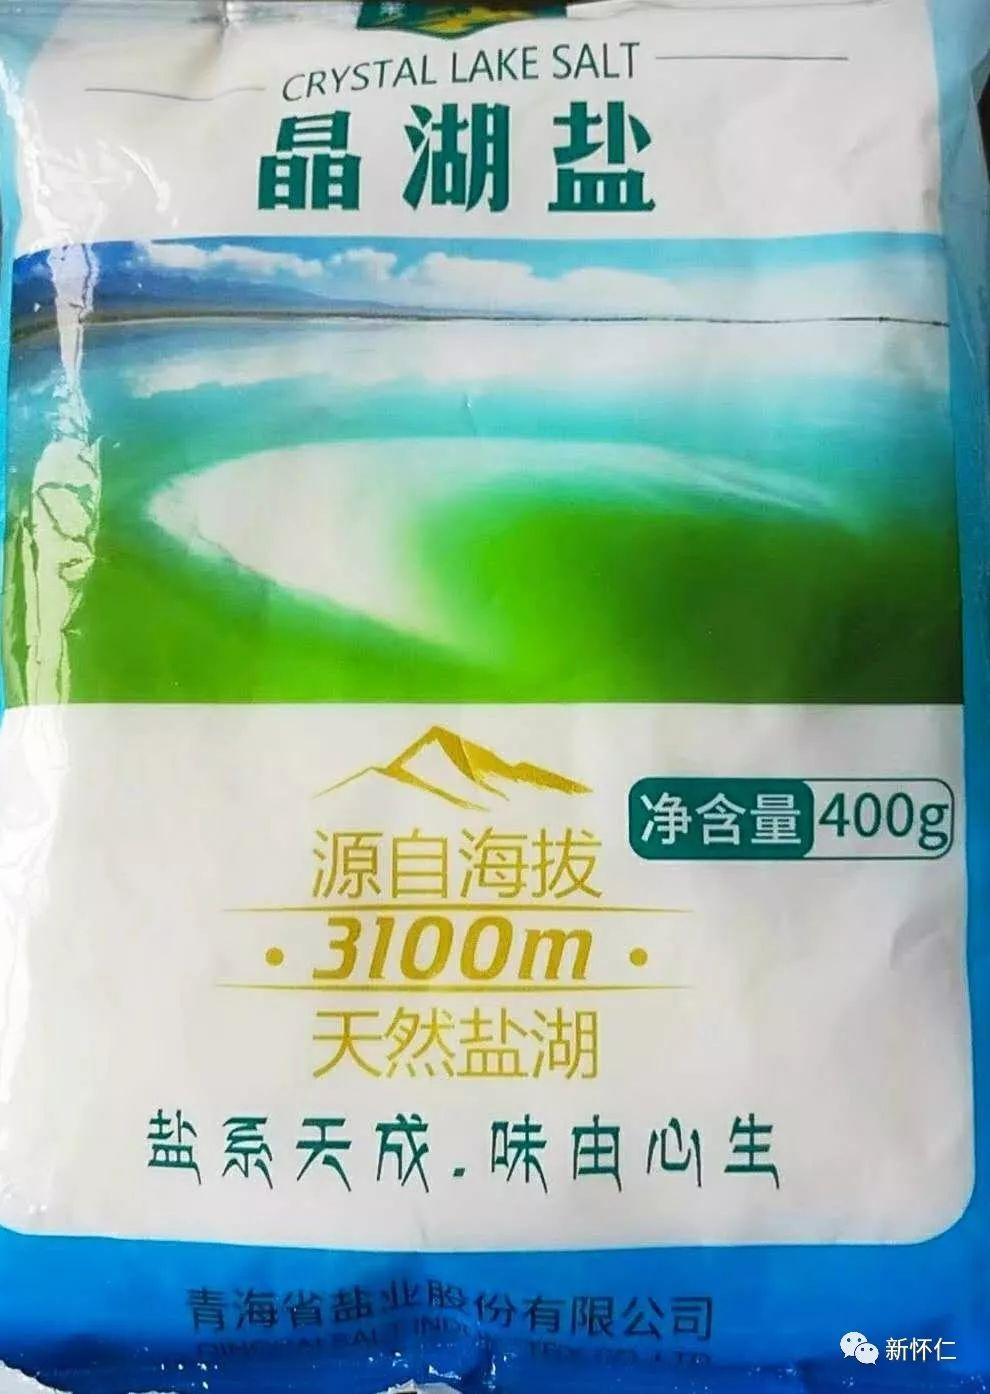 生活资讯_【生活资讯】茶卡盐-为你打造有滋有味的健康生活